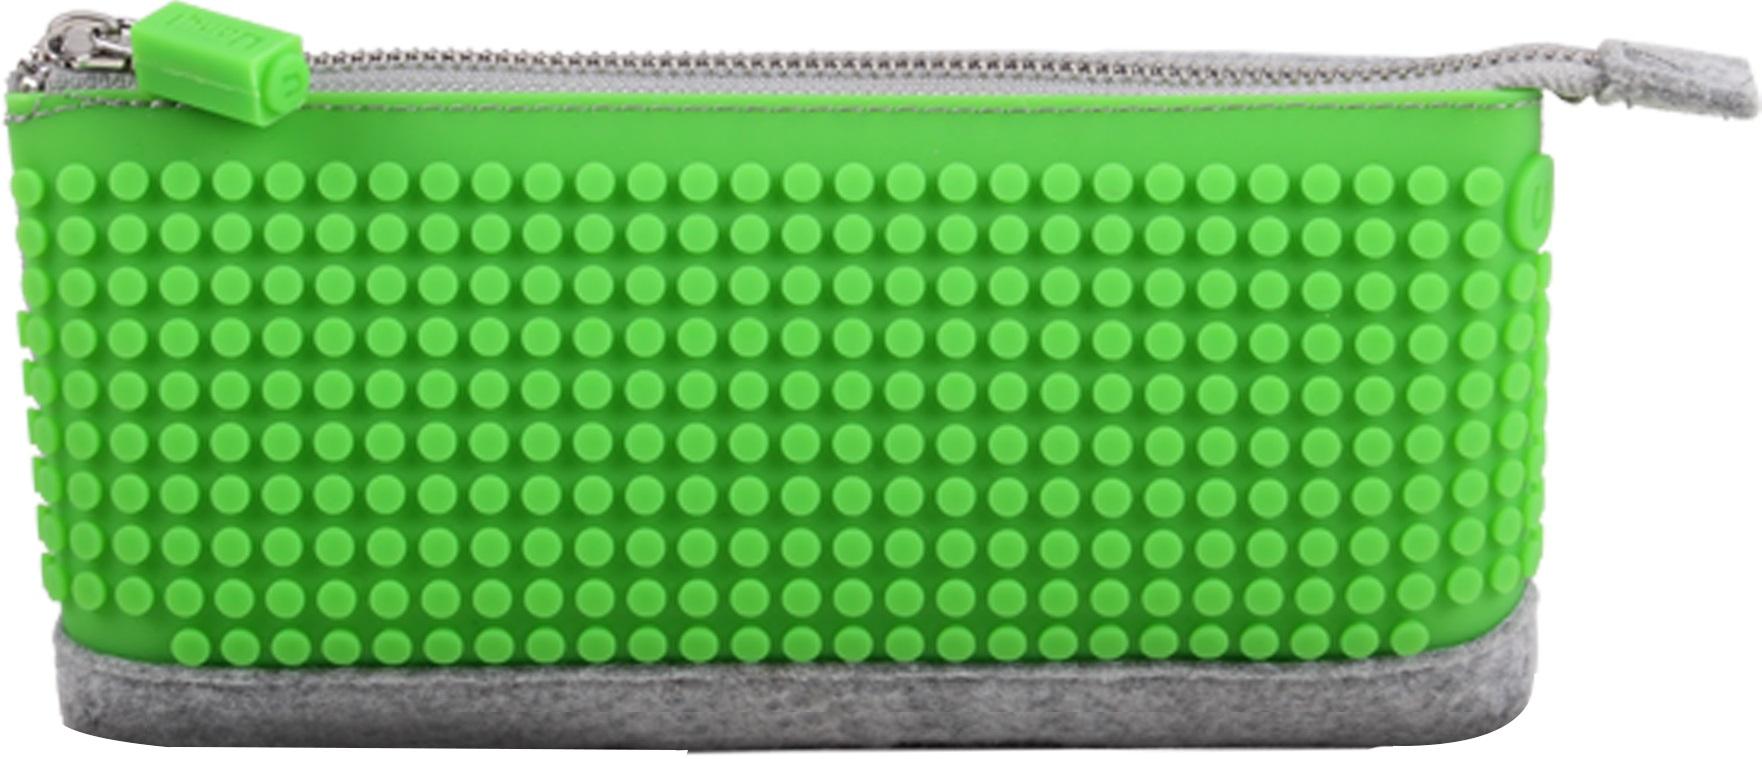 Пиксельный пенал (Pencil Case) WY-B002 (Зеленый)Представляем вашему вниманию пиксельный пенал (Pencil Case) WY-B002, имеющий силиконовую панель, на которой с помощью «пикселей» в виде мозаики выкладывается абсолютно любой рисунок.<br>